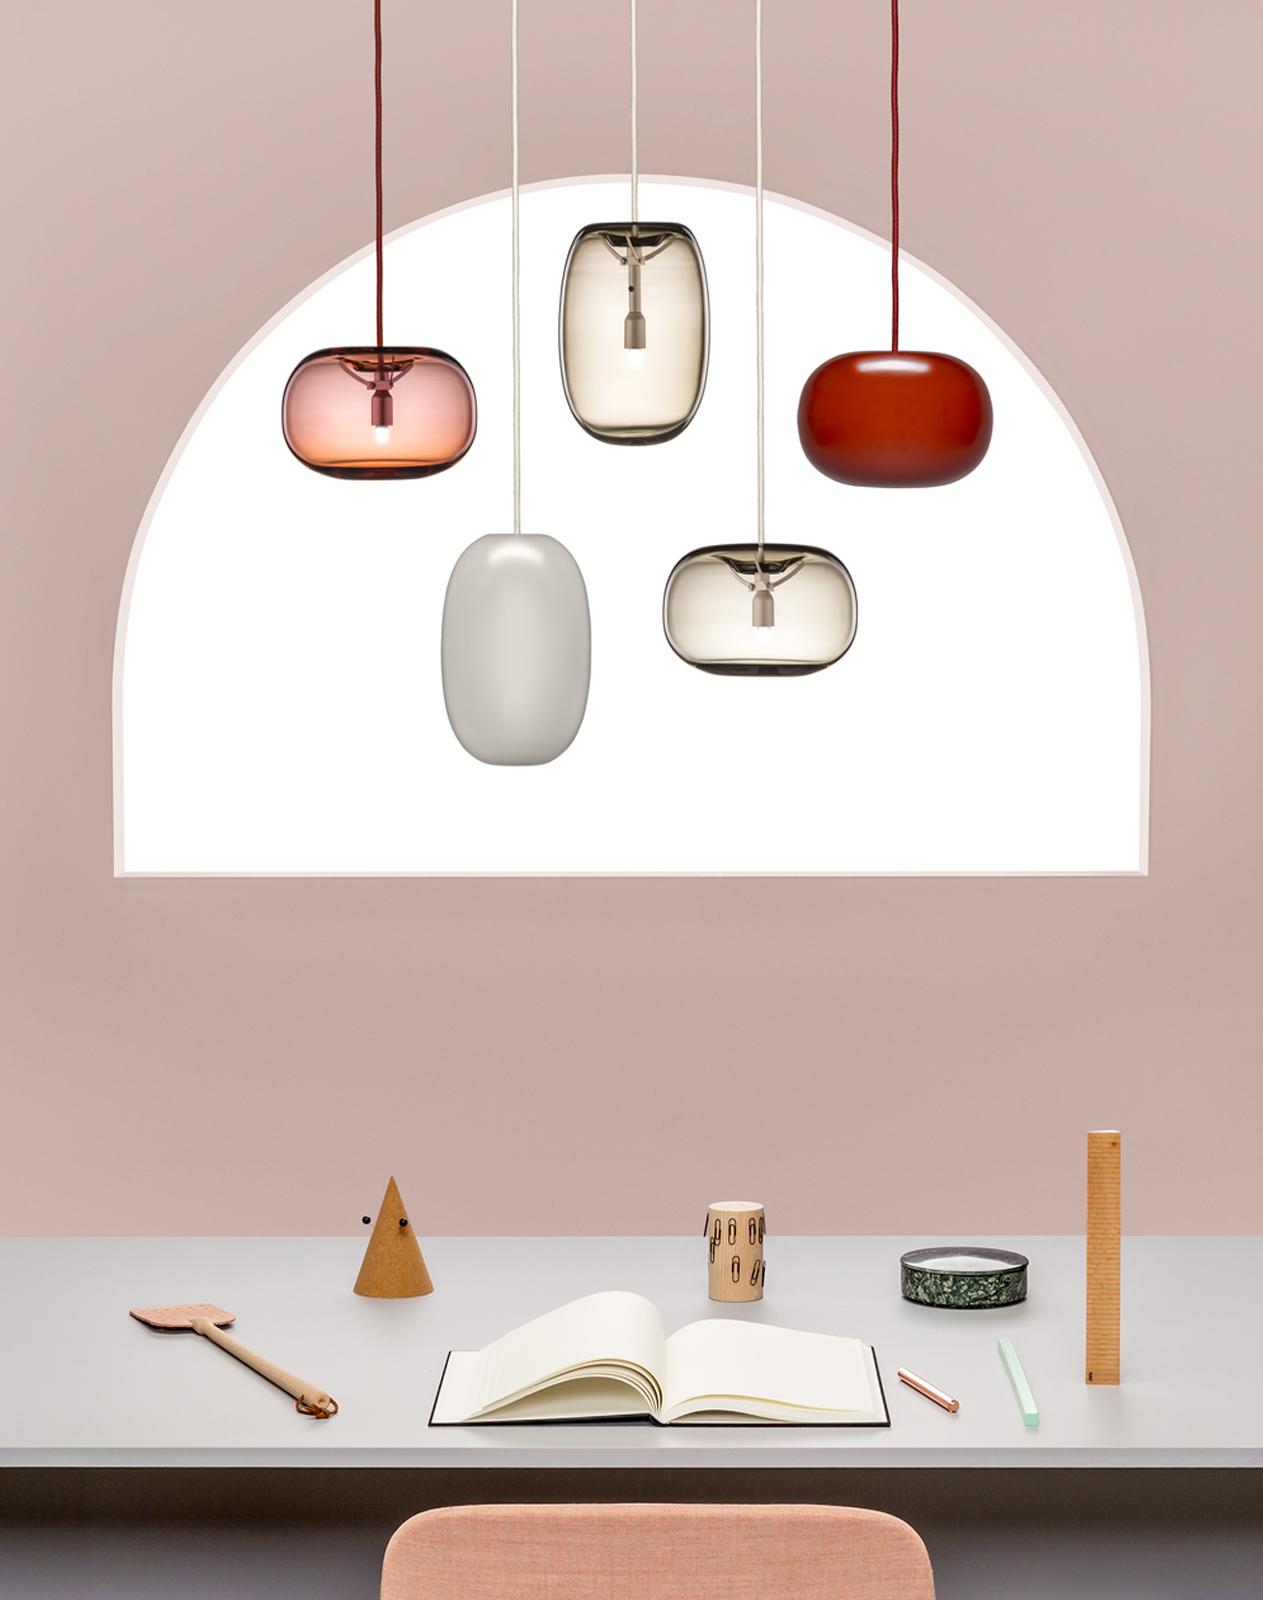 lampara-vintage-orsjo-lighting-collection-3